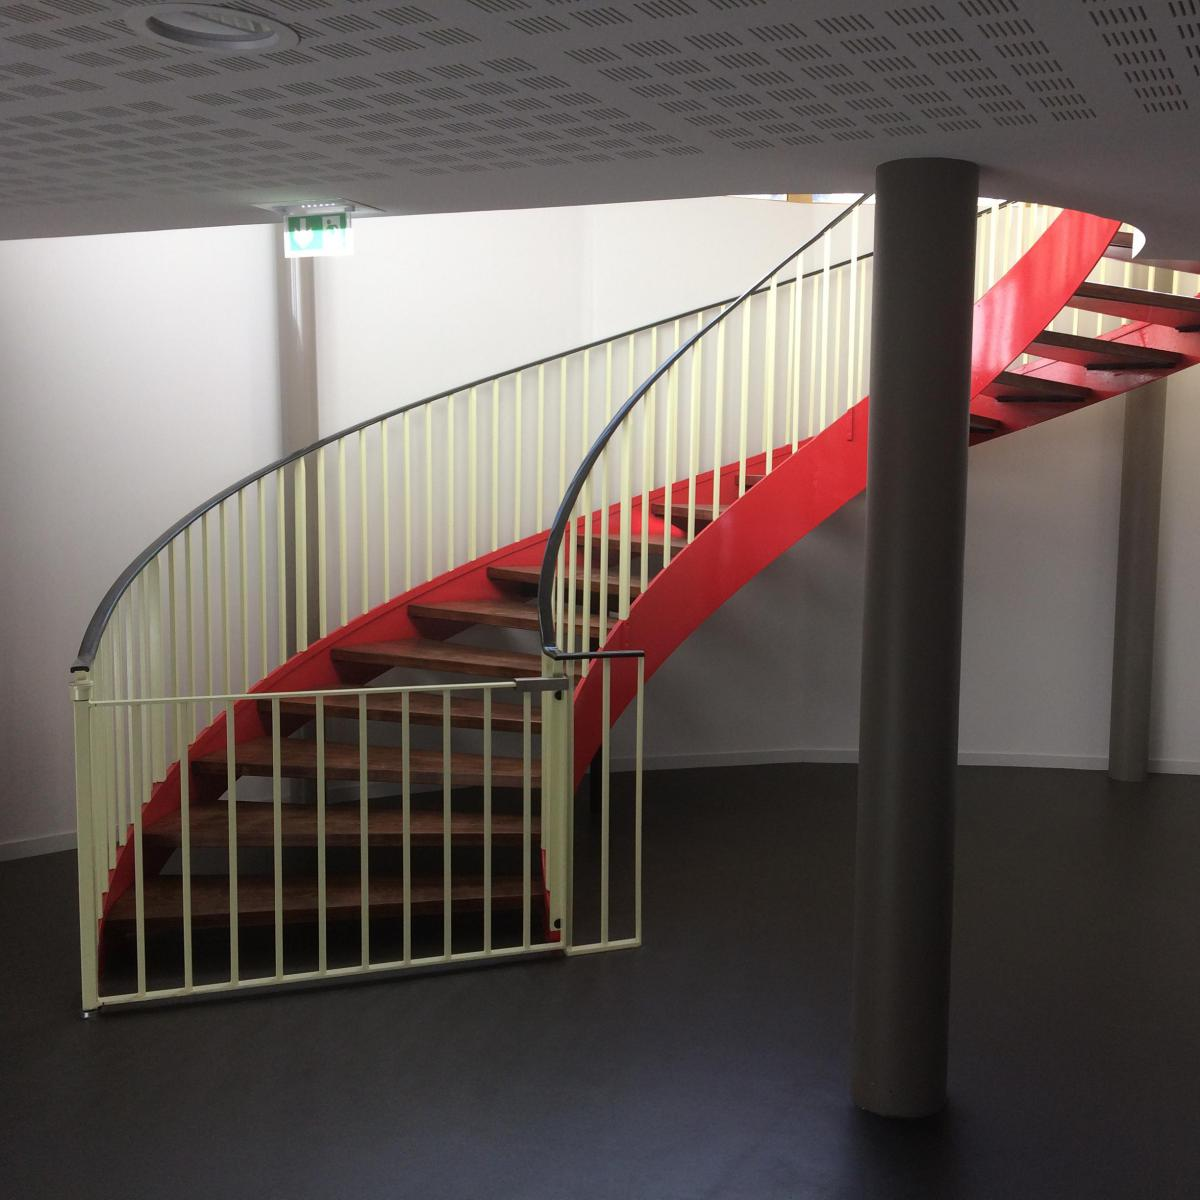 Escalier hélicoïdal acier et bois<br>